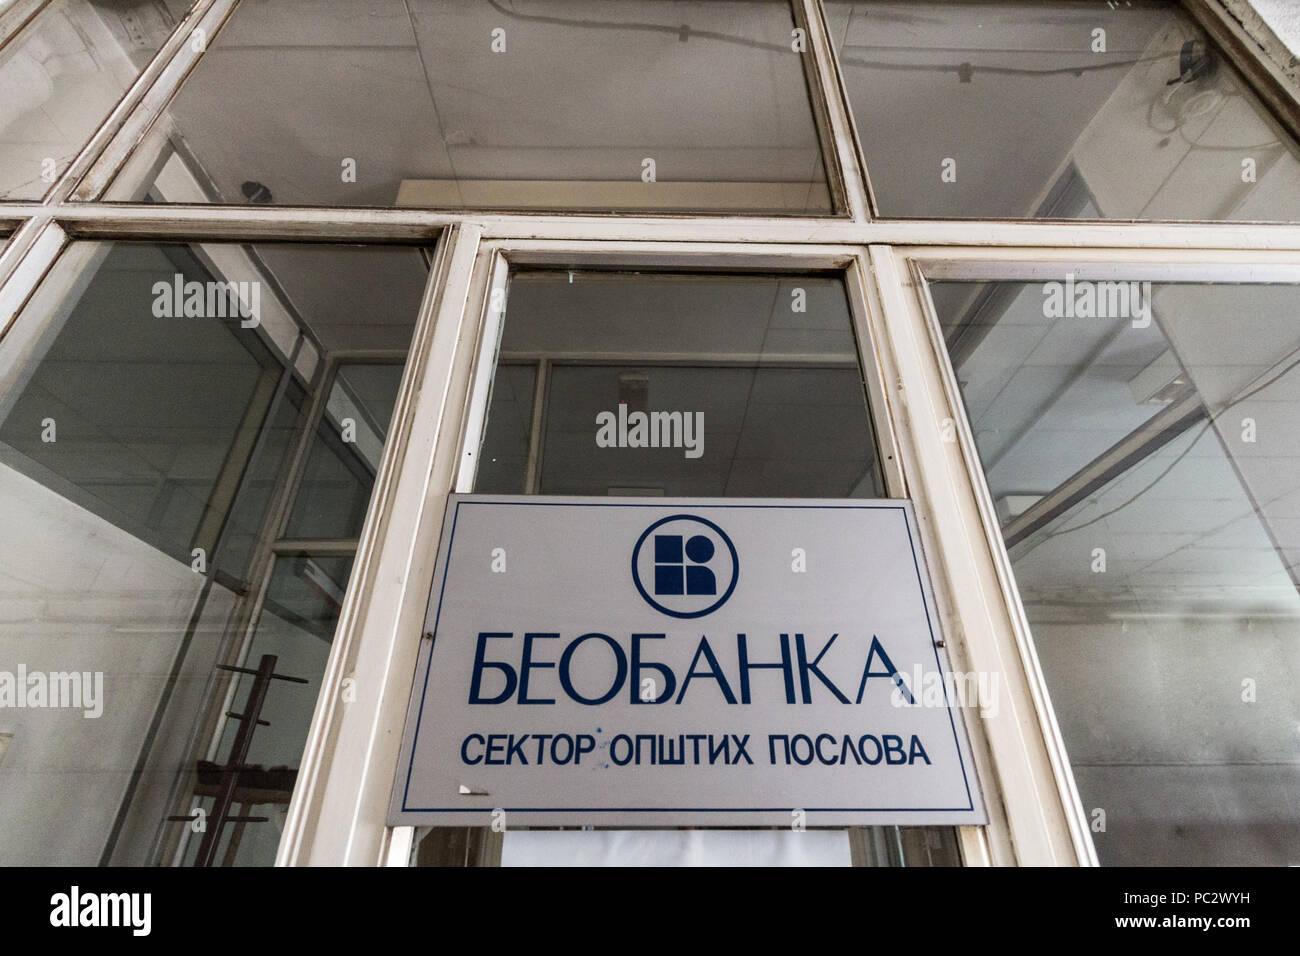 Belgrado, Serbia - Luglio 19, 2018: Beobanka logo sul loro ex ufficio principale a Belgrado. Beobanka era una banca iugoslavo che ha dichiarato fallimento nel 2002 e mi Immagini Stock